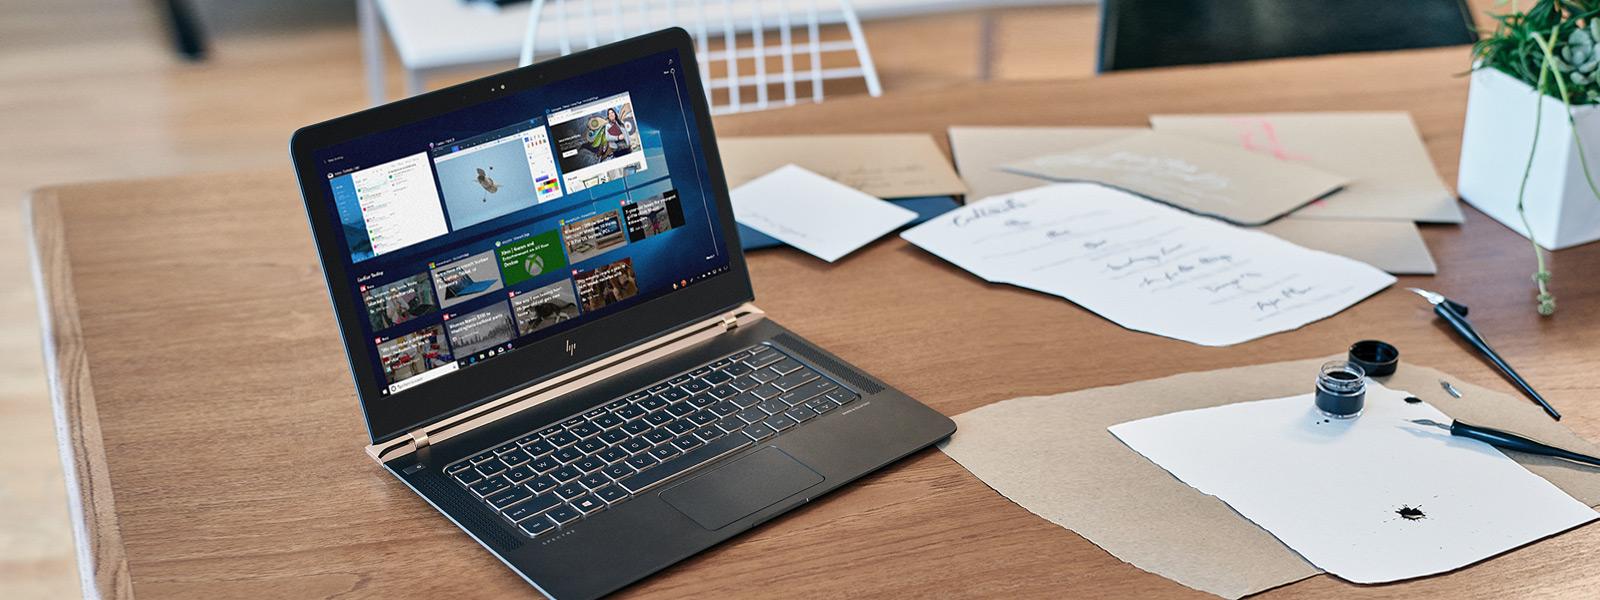 책상에 놓인 노트북 화면에 표시된 Windows 타임라인